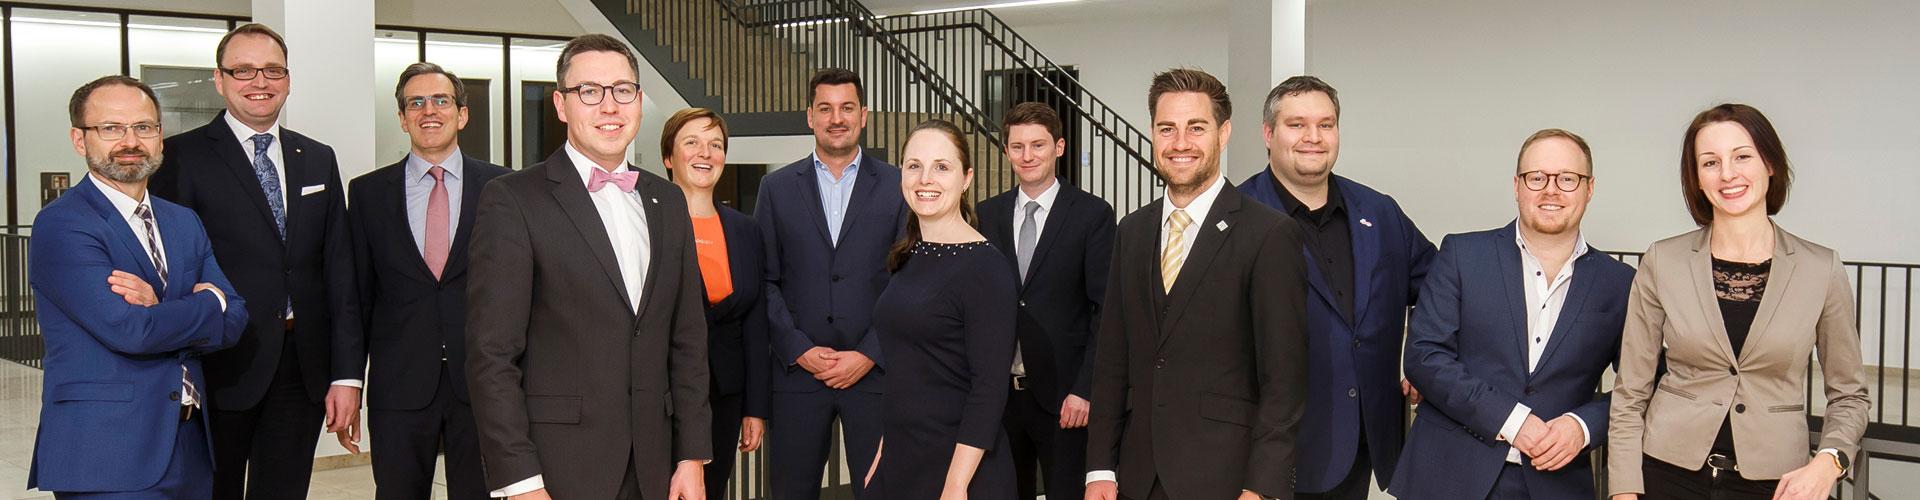 Vorstand der Wirtschaftsjunioren NRW